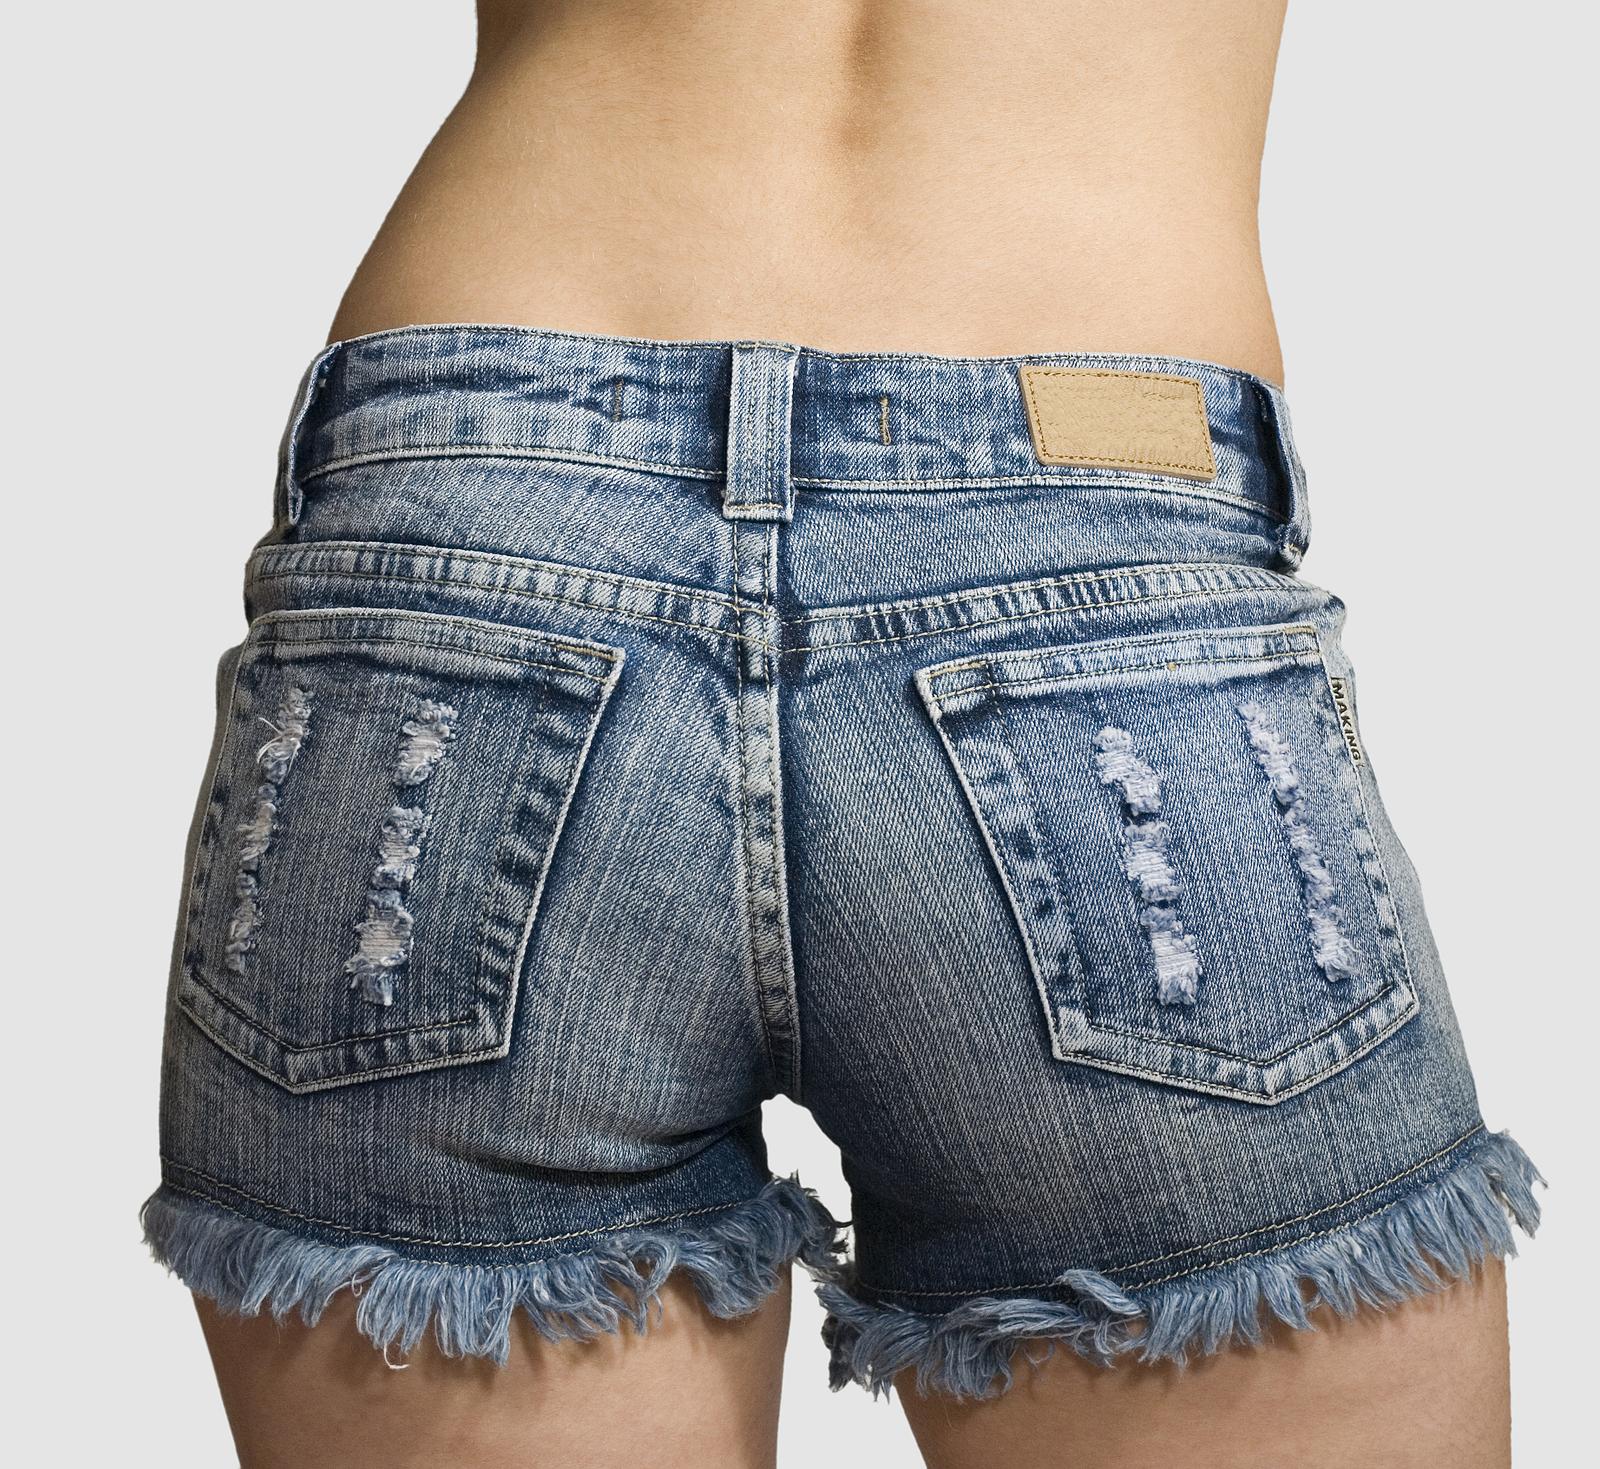 bigstock-Girl-In-Blue-Jeans-Short-Short-1358098.jpg